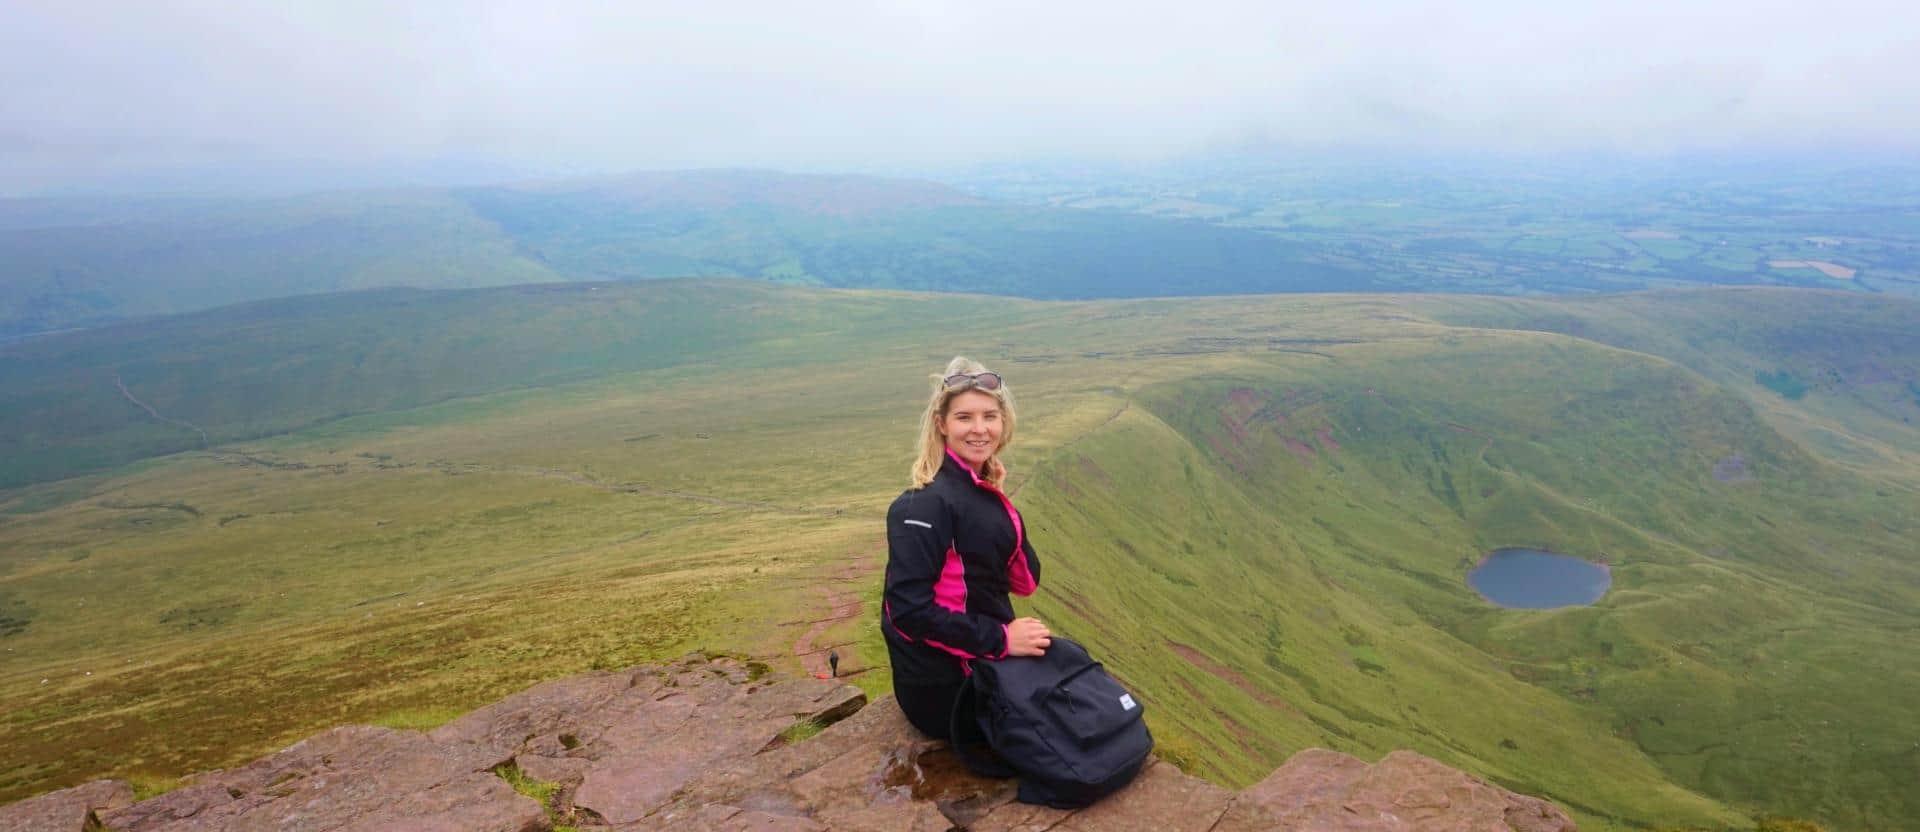 Hiking Pen Y Fan in the Brecon Beacons, Wales!